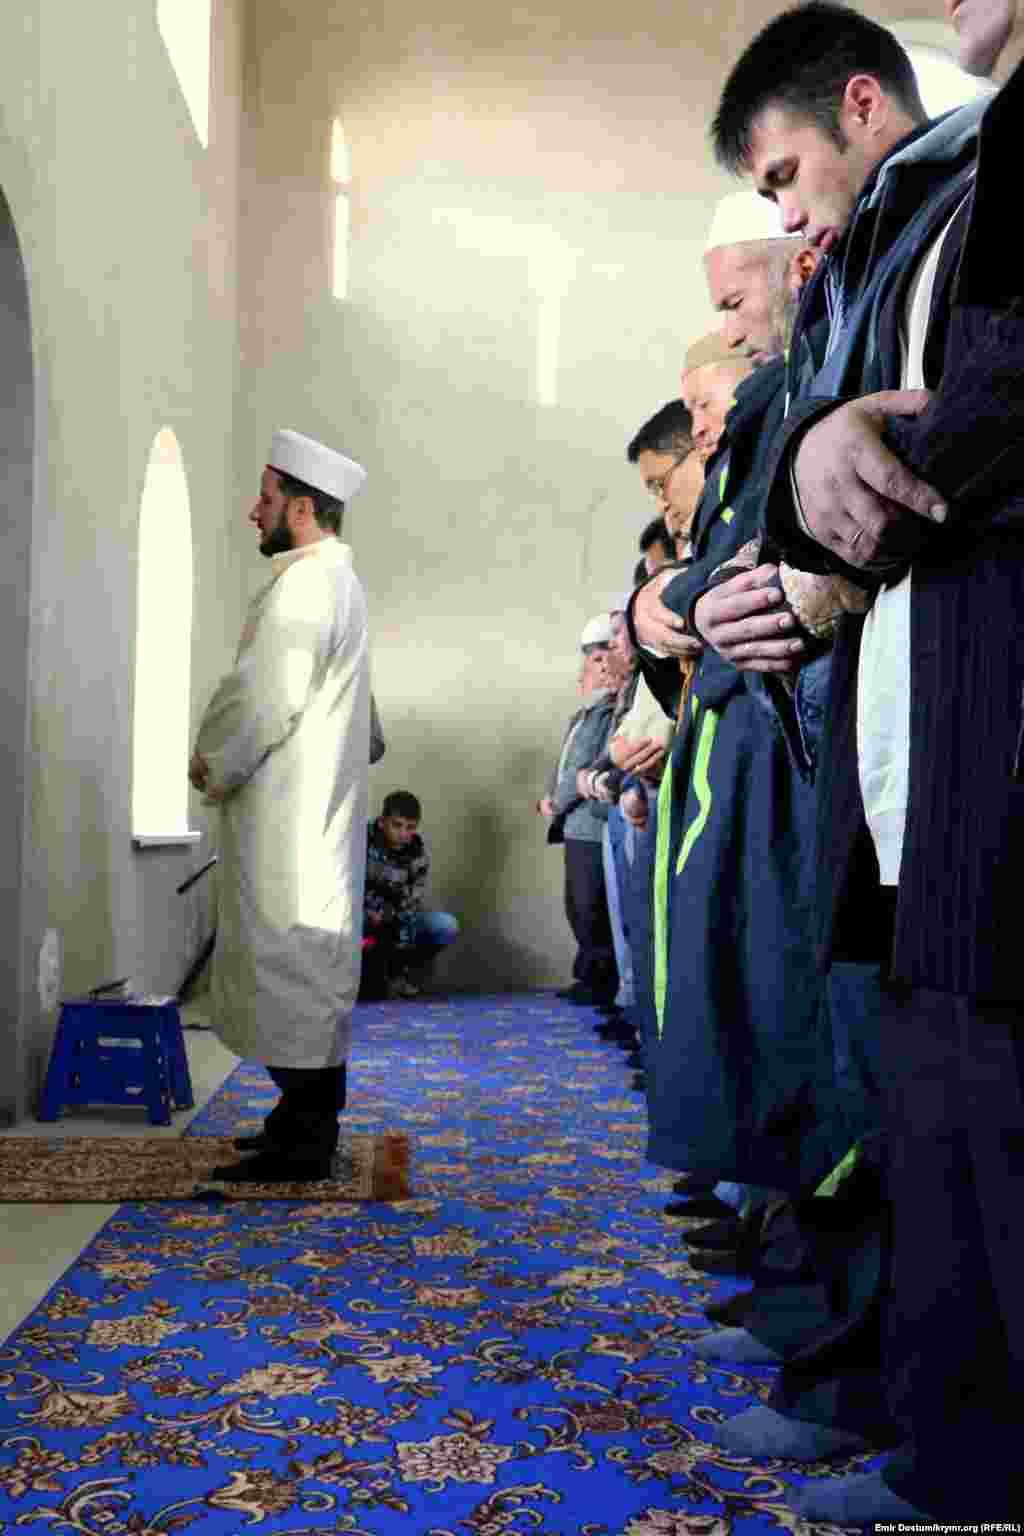 Праздничный намаз провелзаместитель муфтия мусульман Крыма Эсадуллах Баиров.